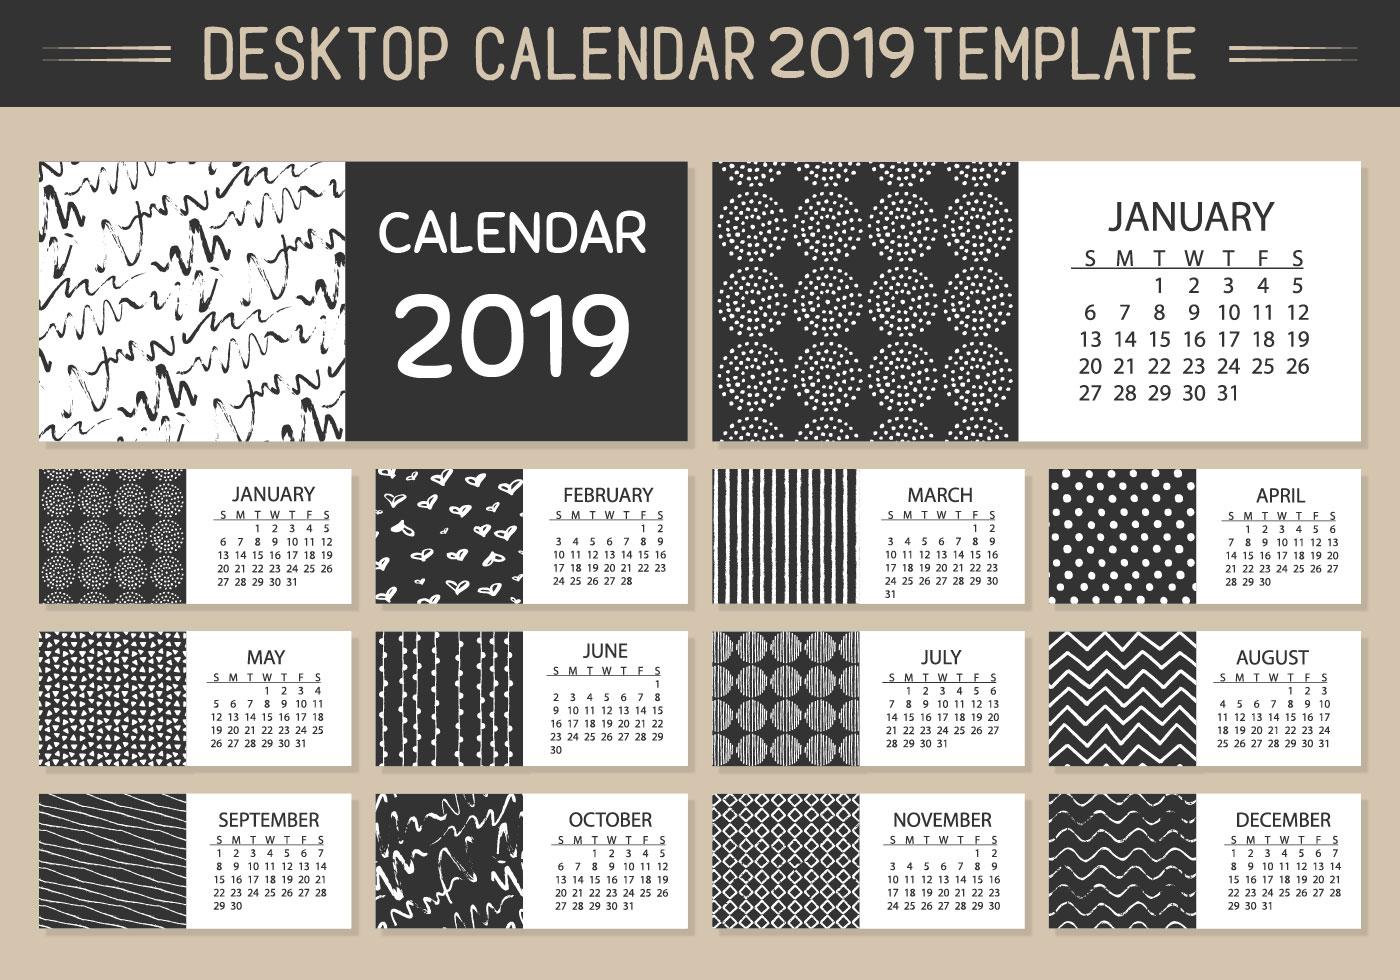 Calendario 2019 Illustrator.Monthly Desktop Calendar 2019 Vector Template Download